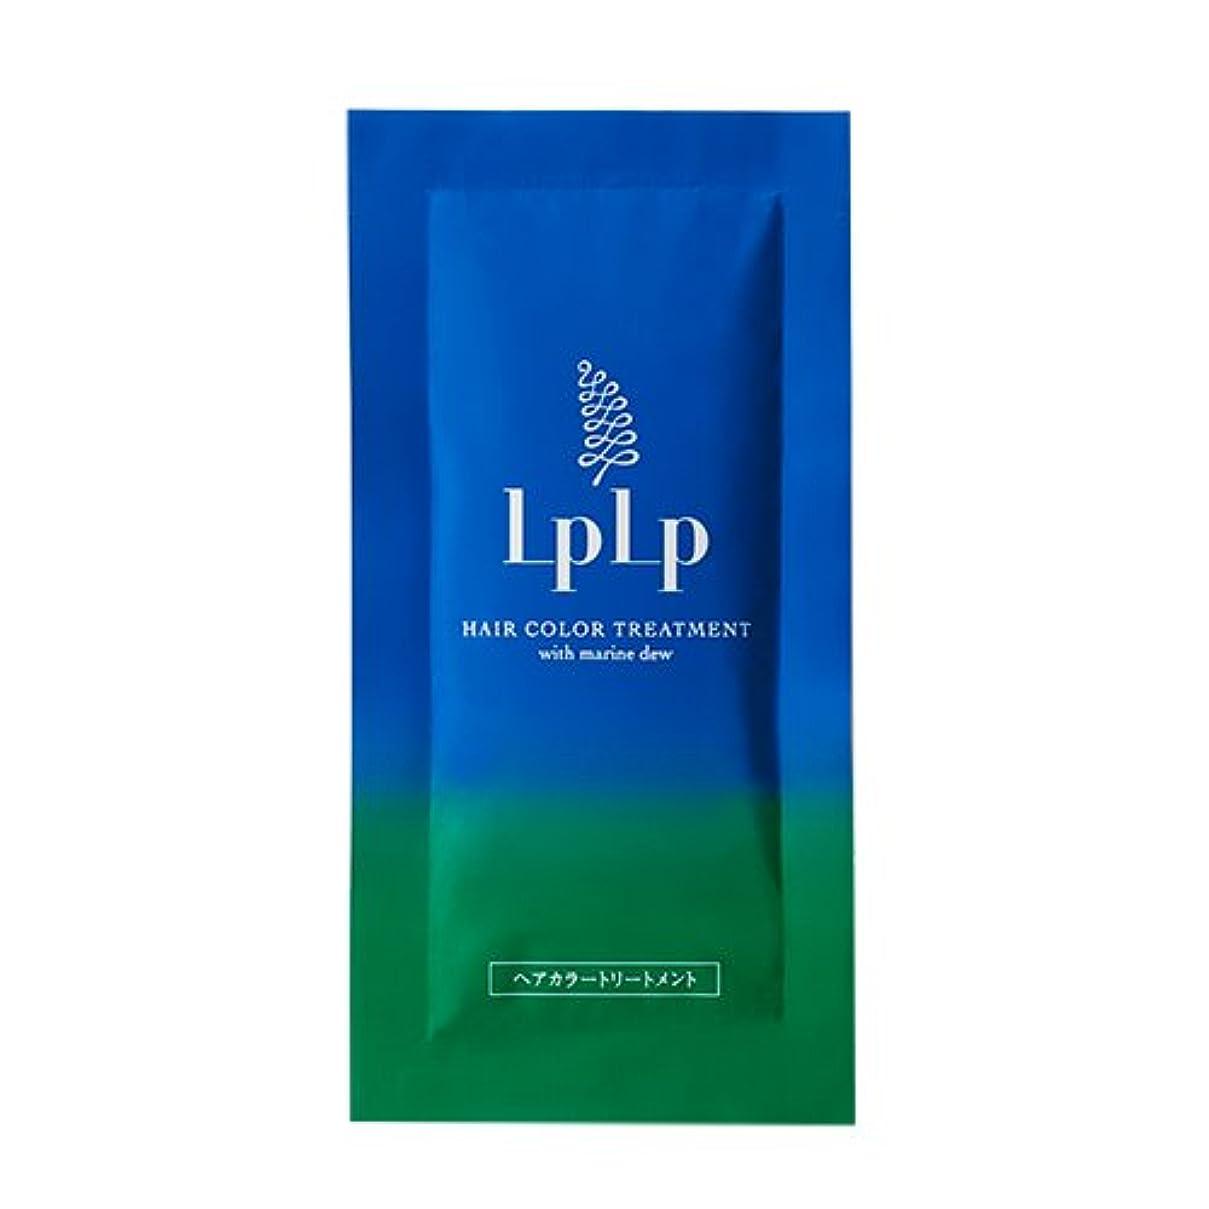 頼るバース赤字LPLP(ルプルプ)ヘアカラートリートメントお試しパウチ ダークブラウン